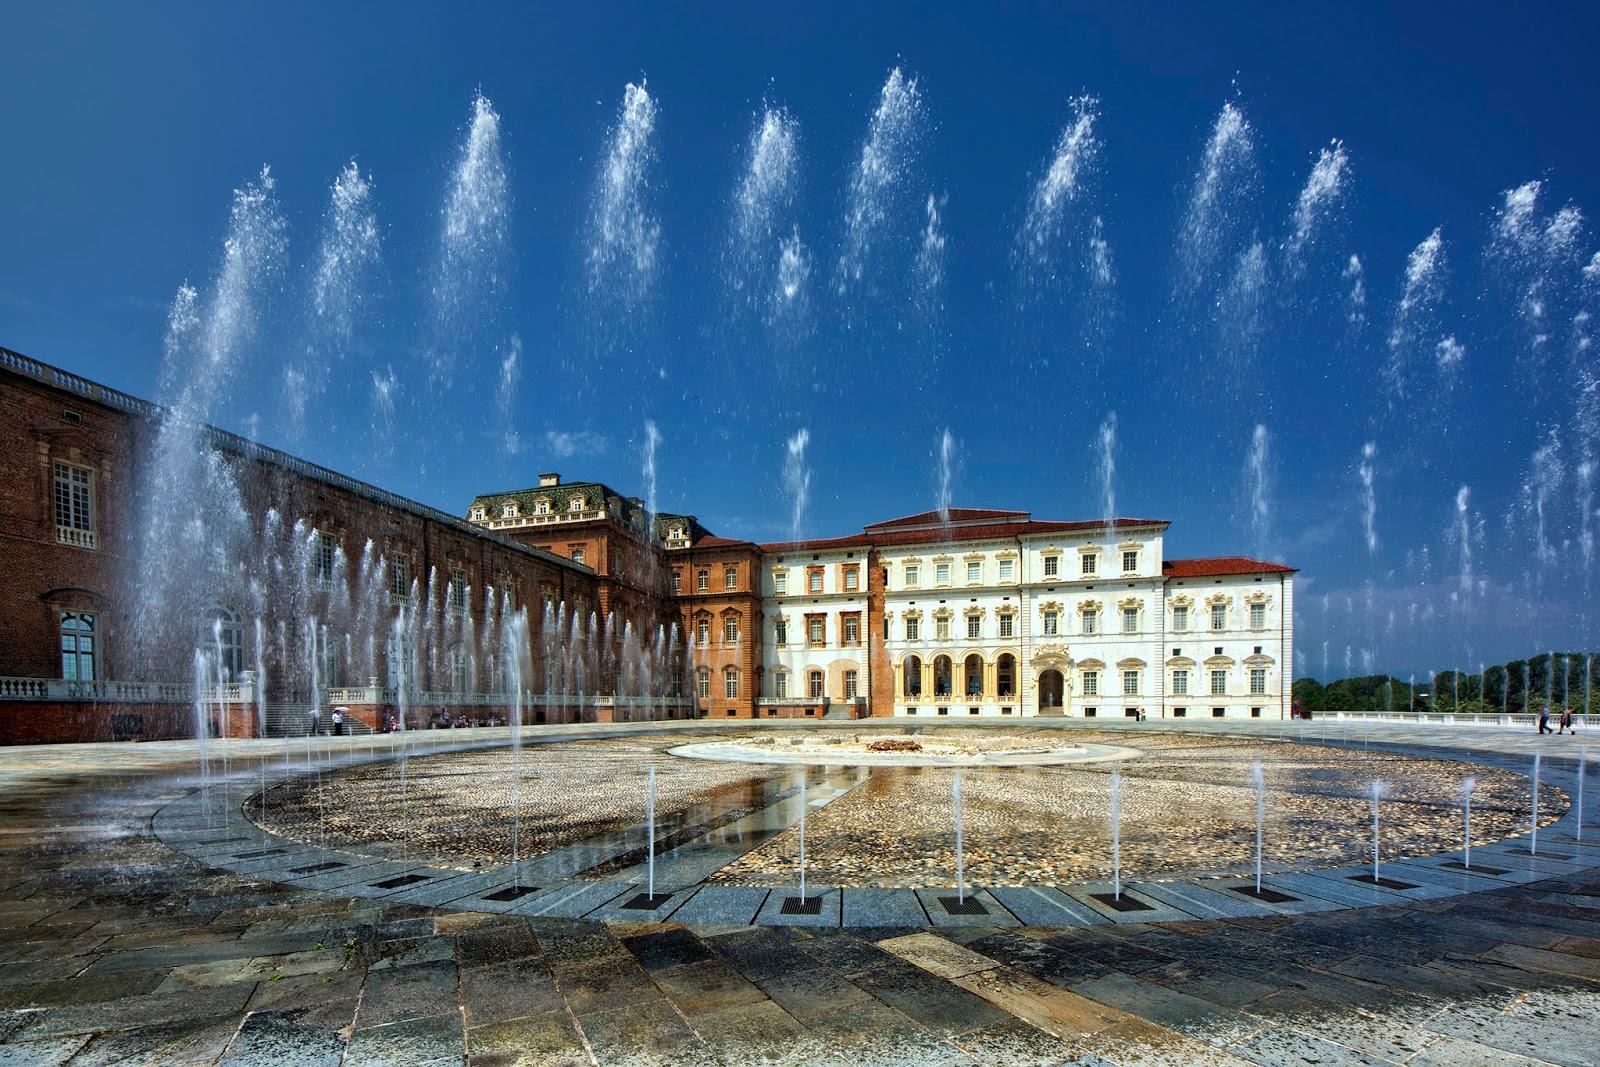 Reggia_di_Venaria_Reale_(Italy)